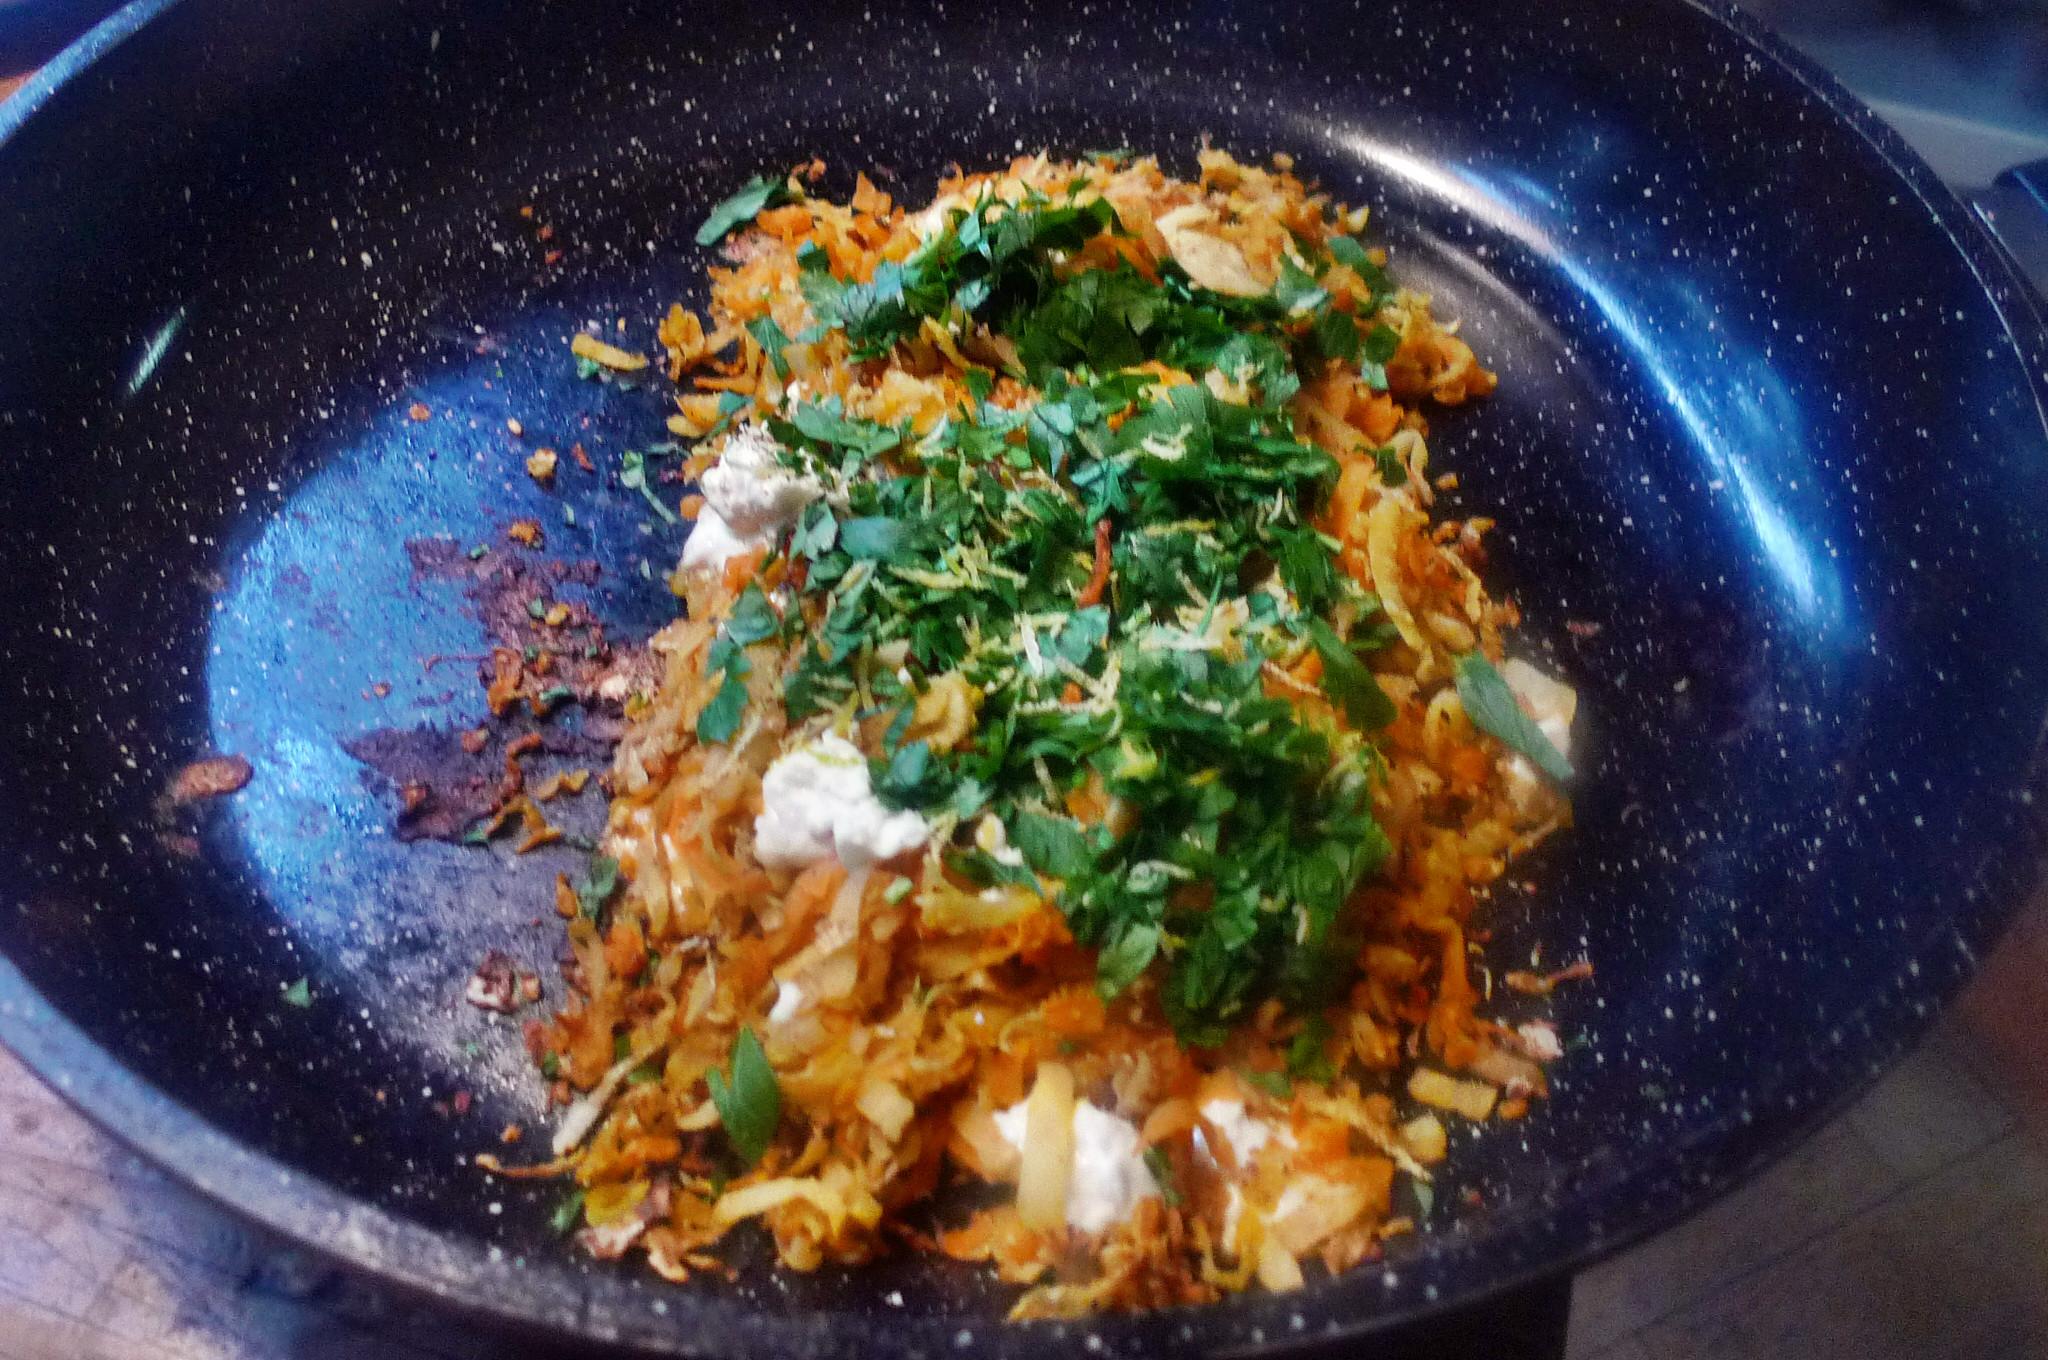 Buchweizenpfannkuchen mit Gemüsefüllung - 1.2.15   (7c)